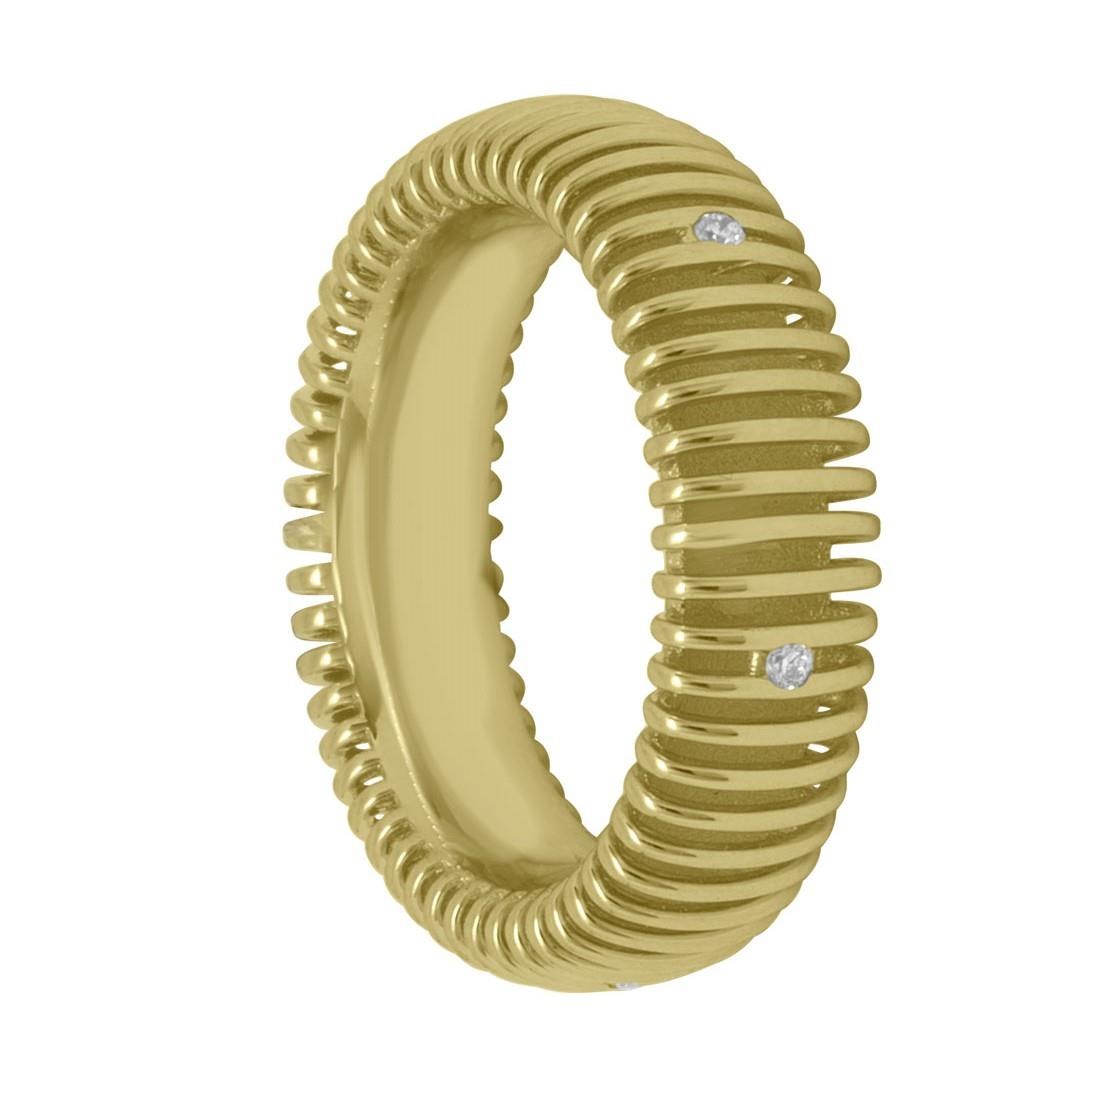 Anello in oro giallo con diamanti mis 15 - SALVINI